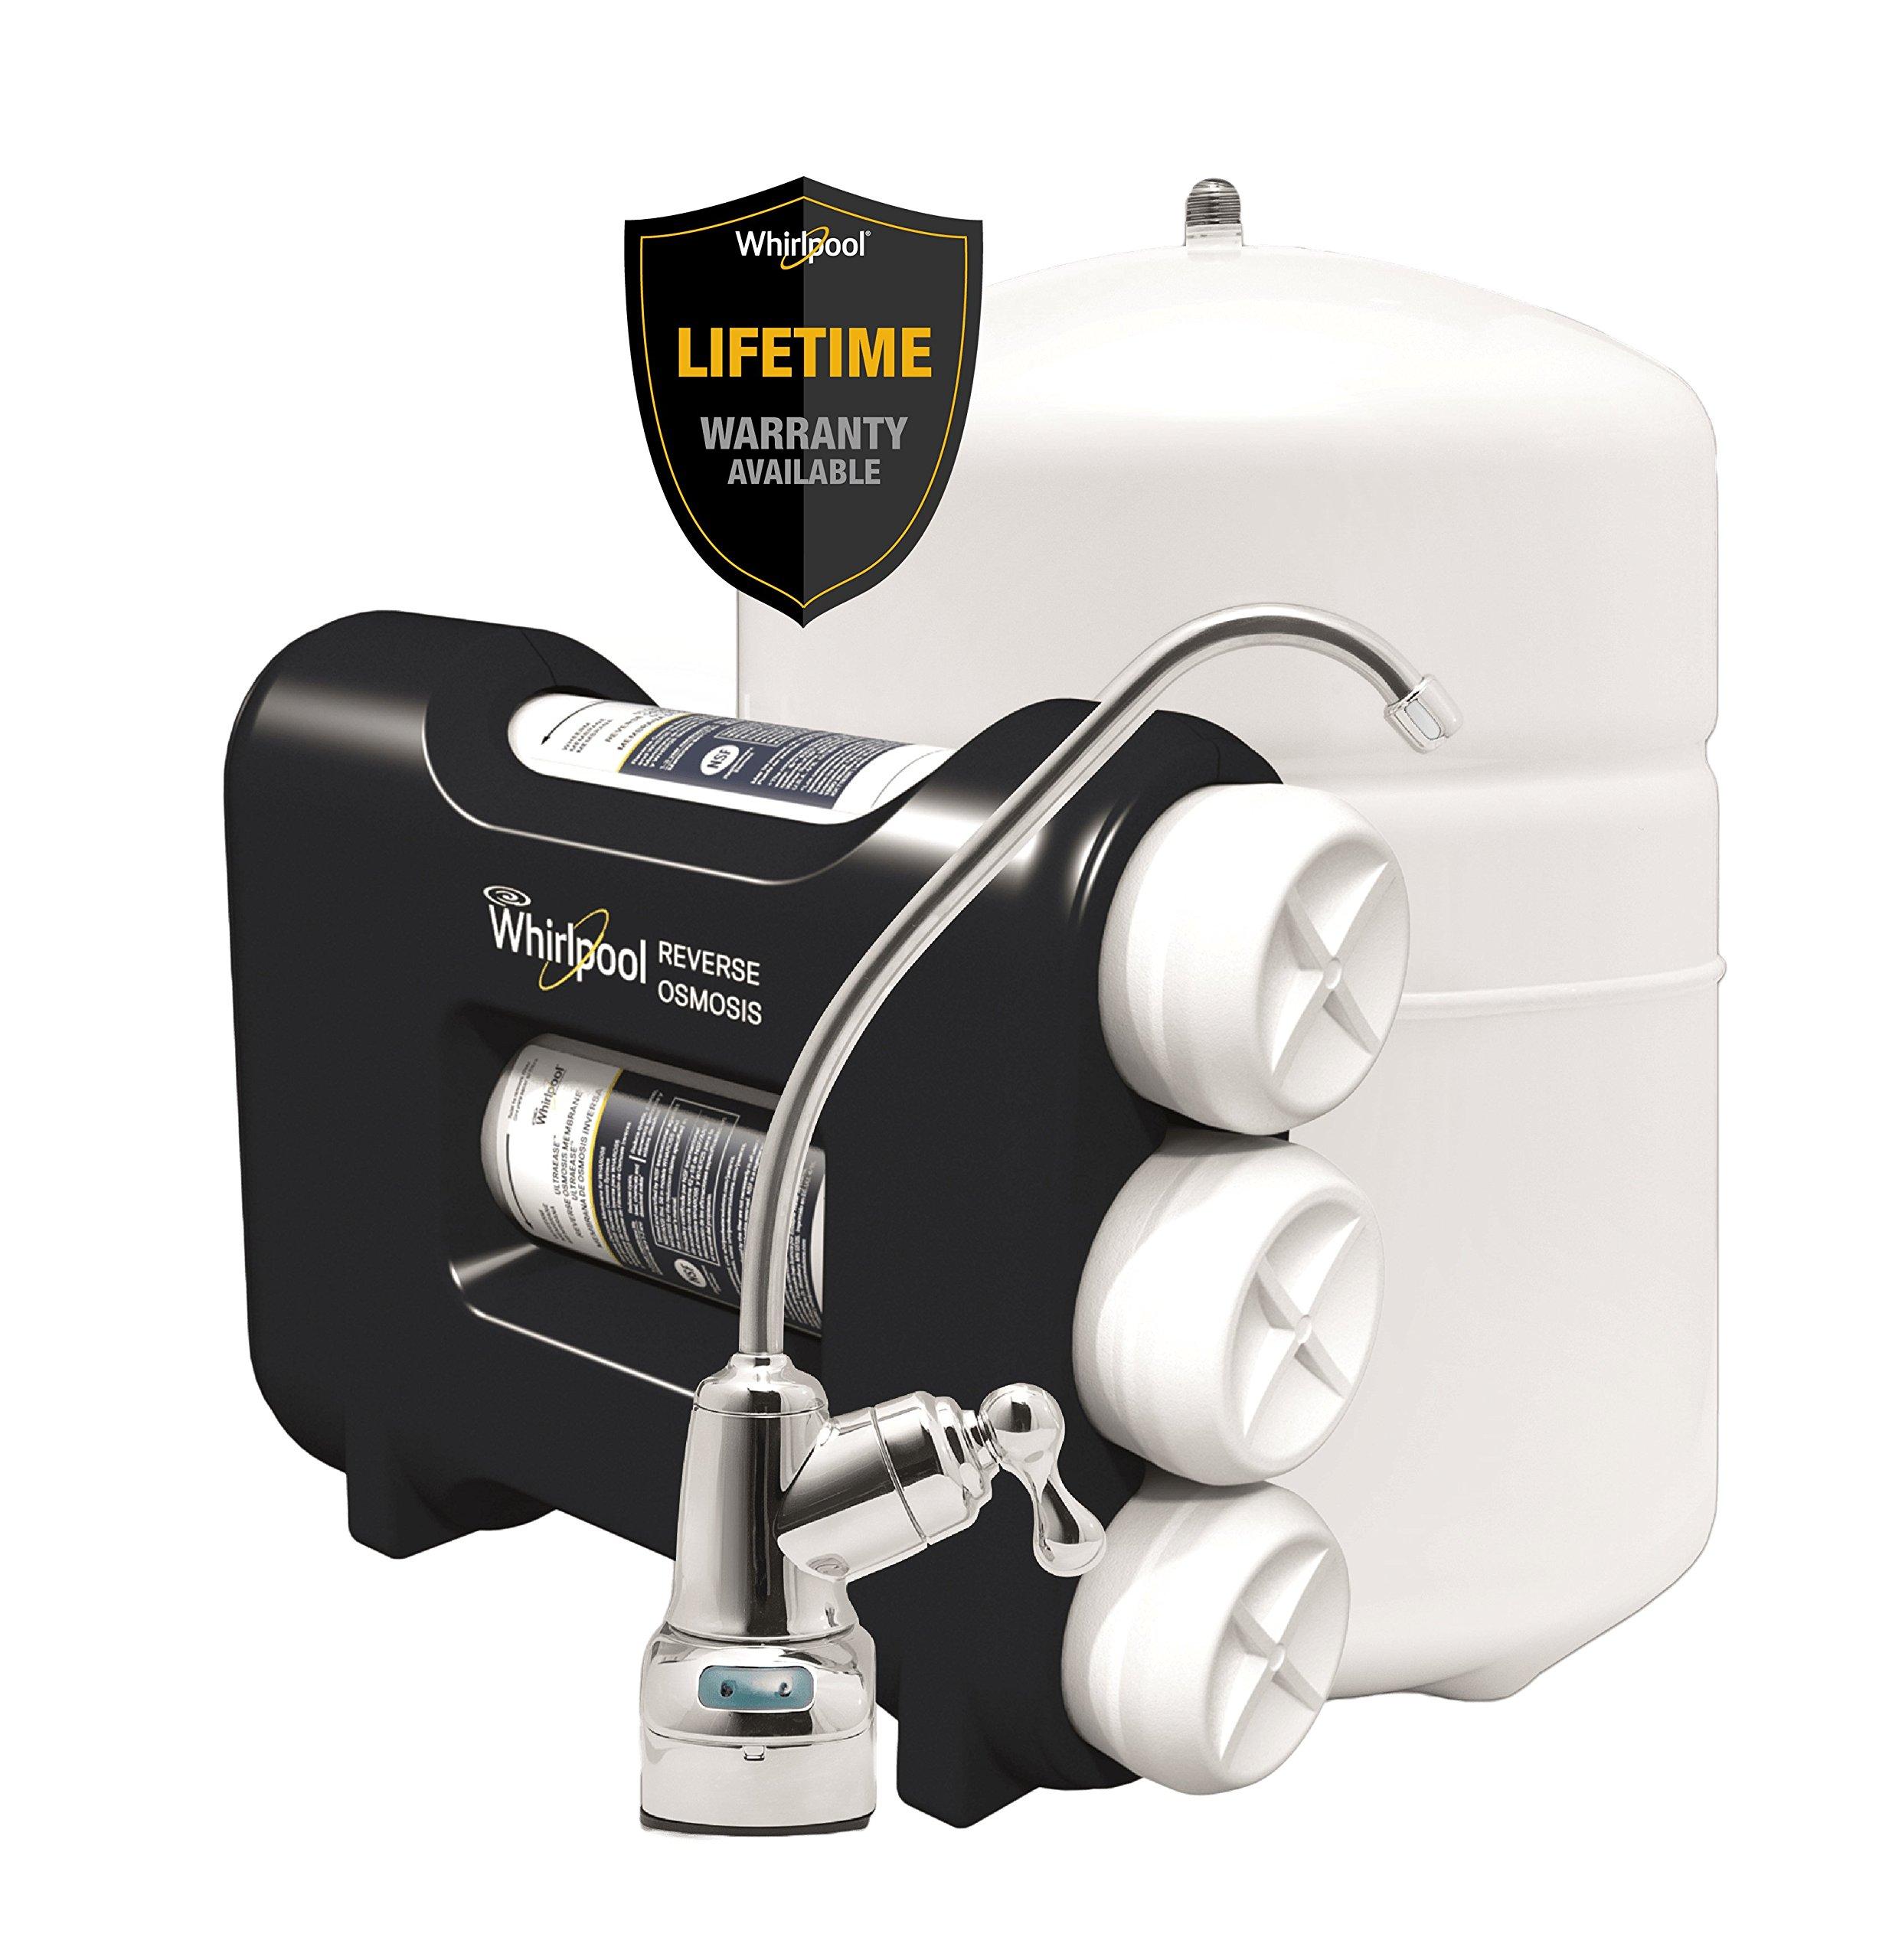 Whirlpool WHAROS5 Reverse Osmosis Water Filter Black